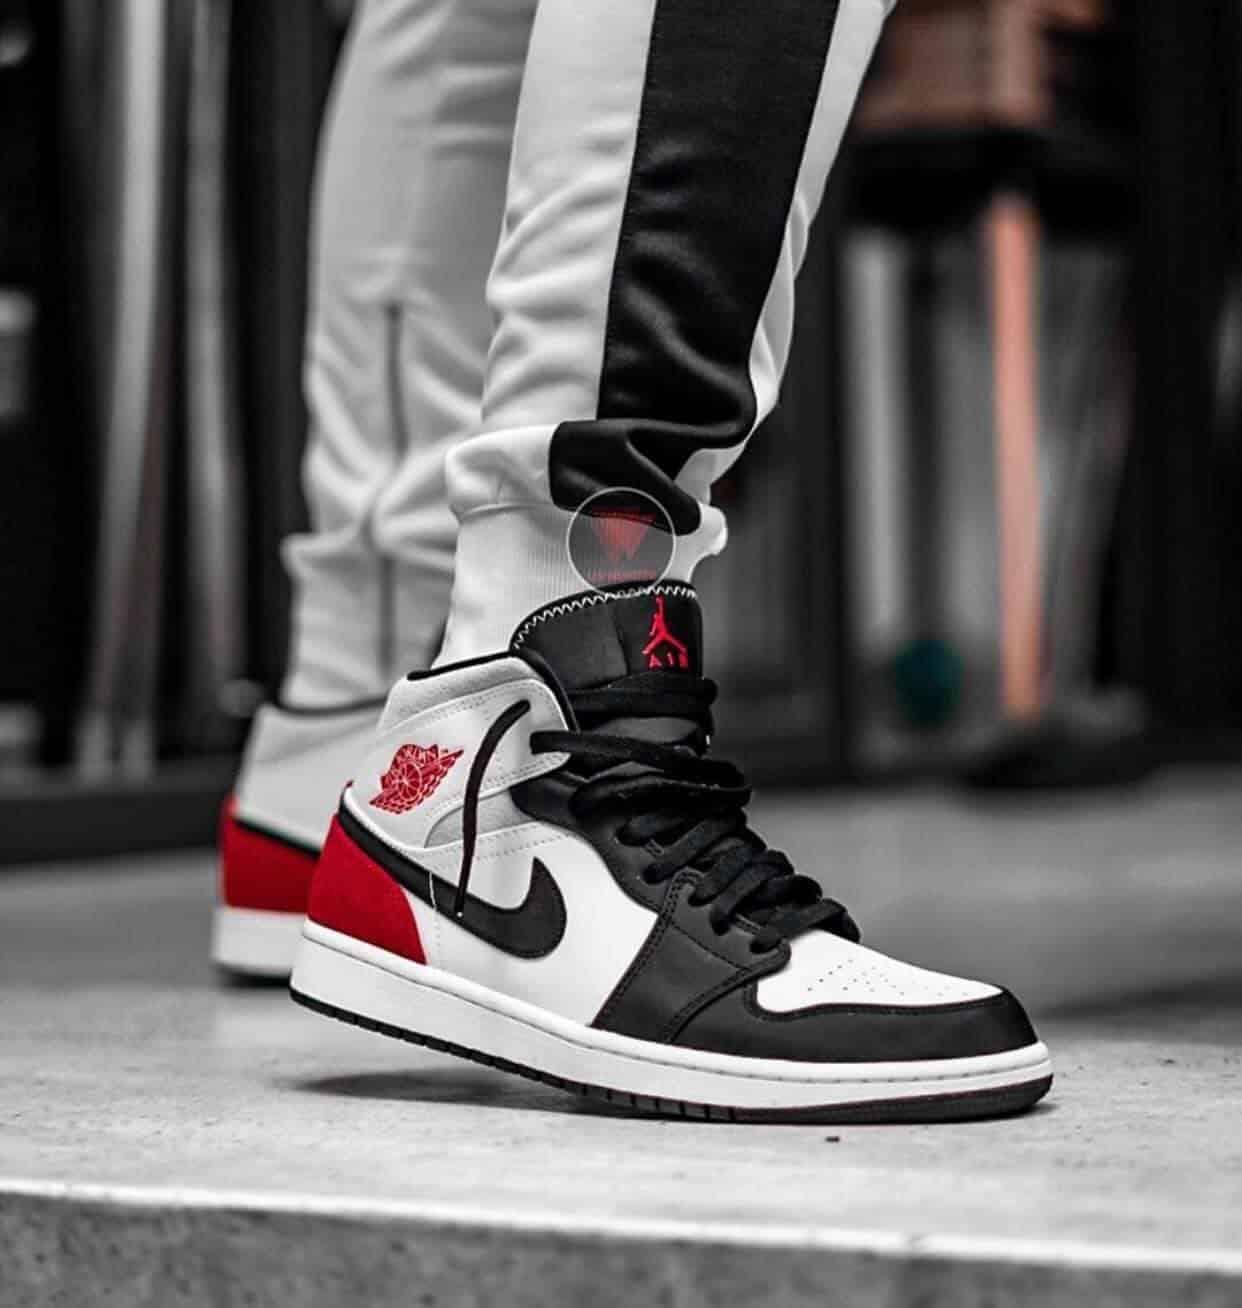 Nike Air Jordan 1 Mid SE Union Black Toe chất lượng